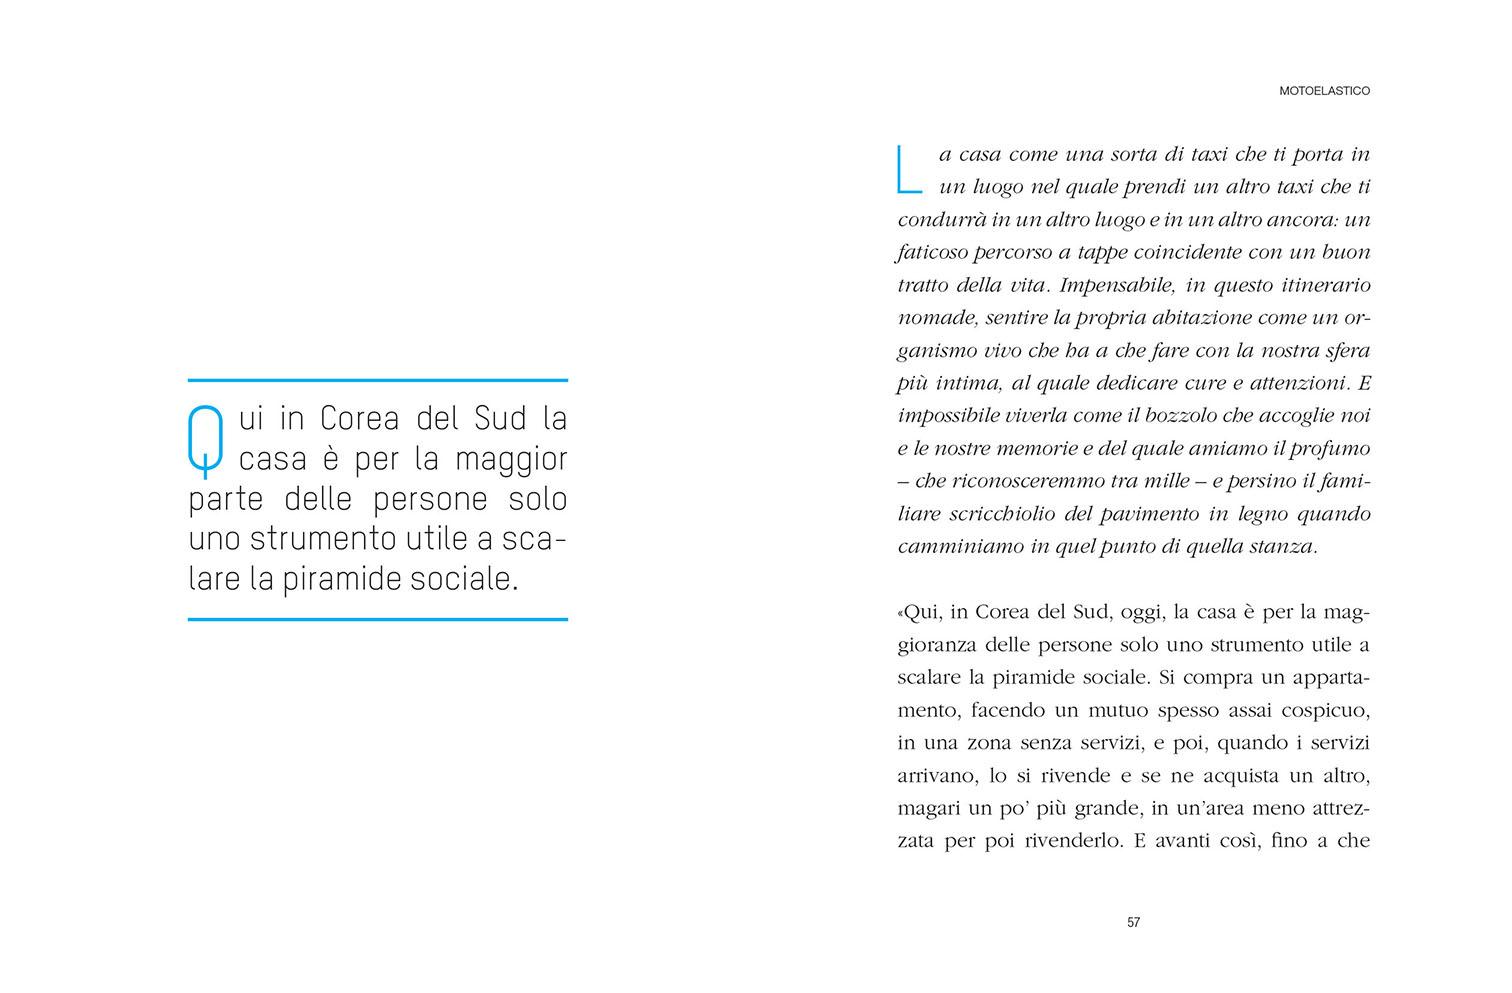 DI CASA IN CASA 02.jpg